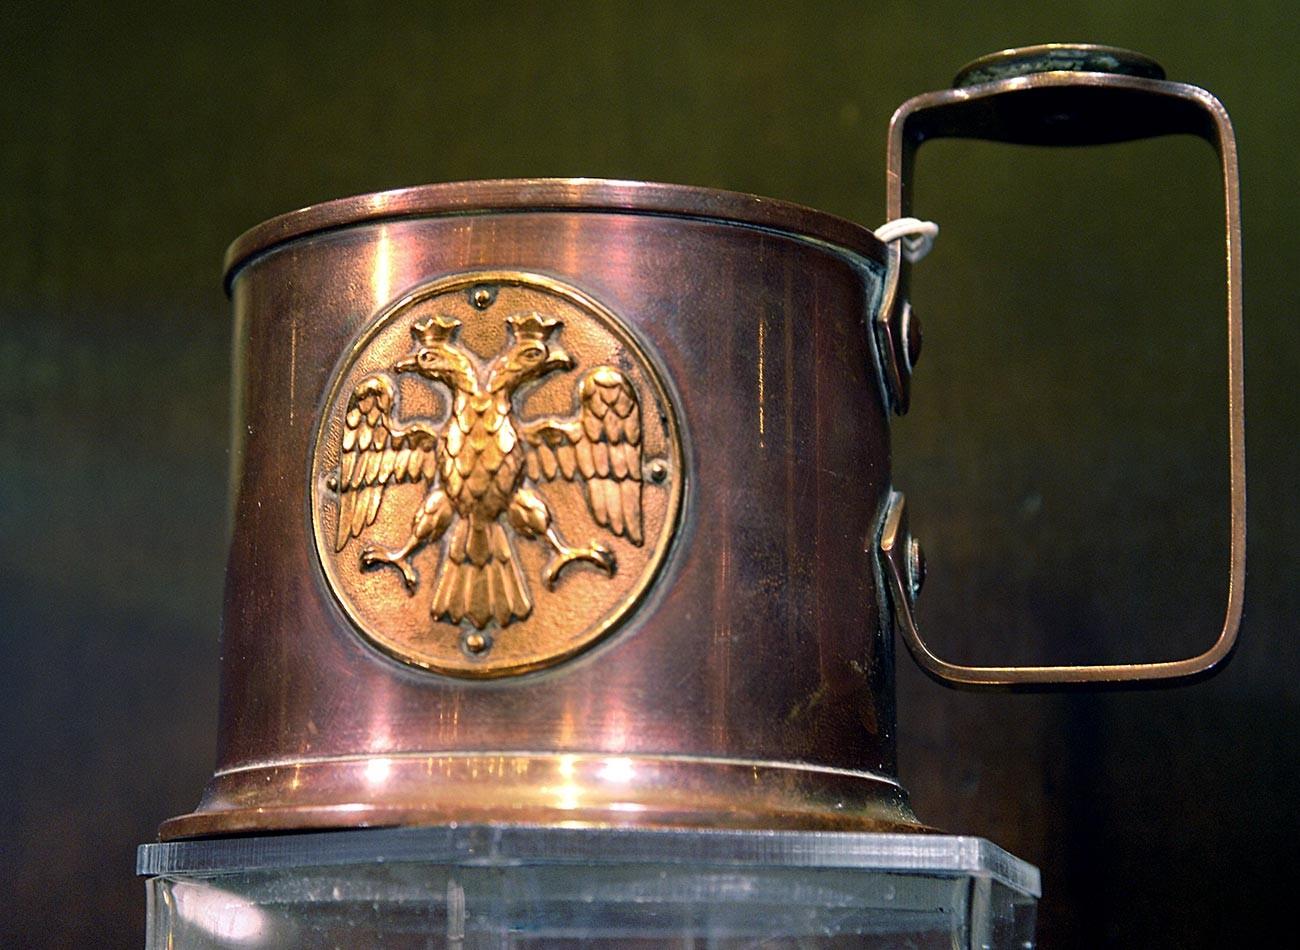 Un podstakannik diseñado por Carl Faberge en 1914-1915